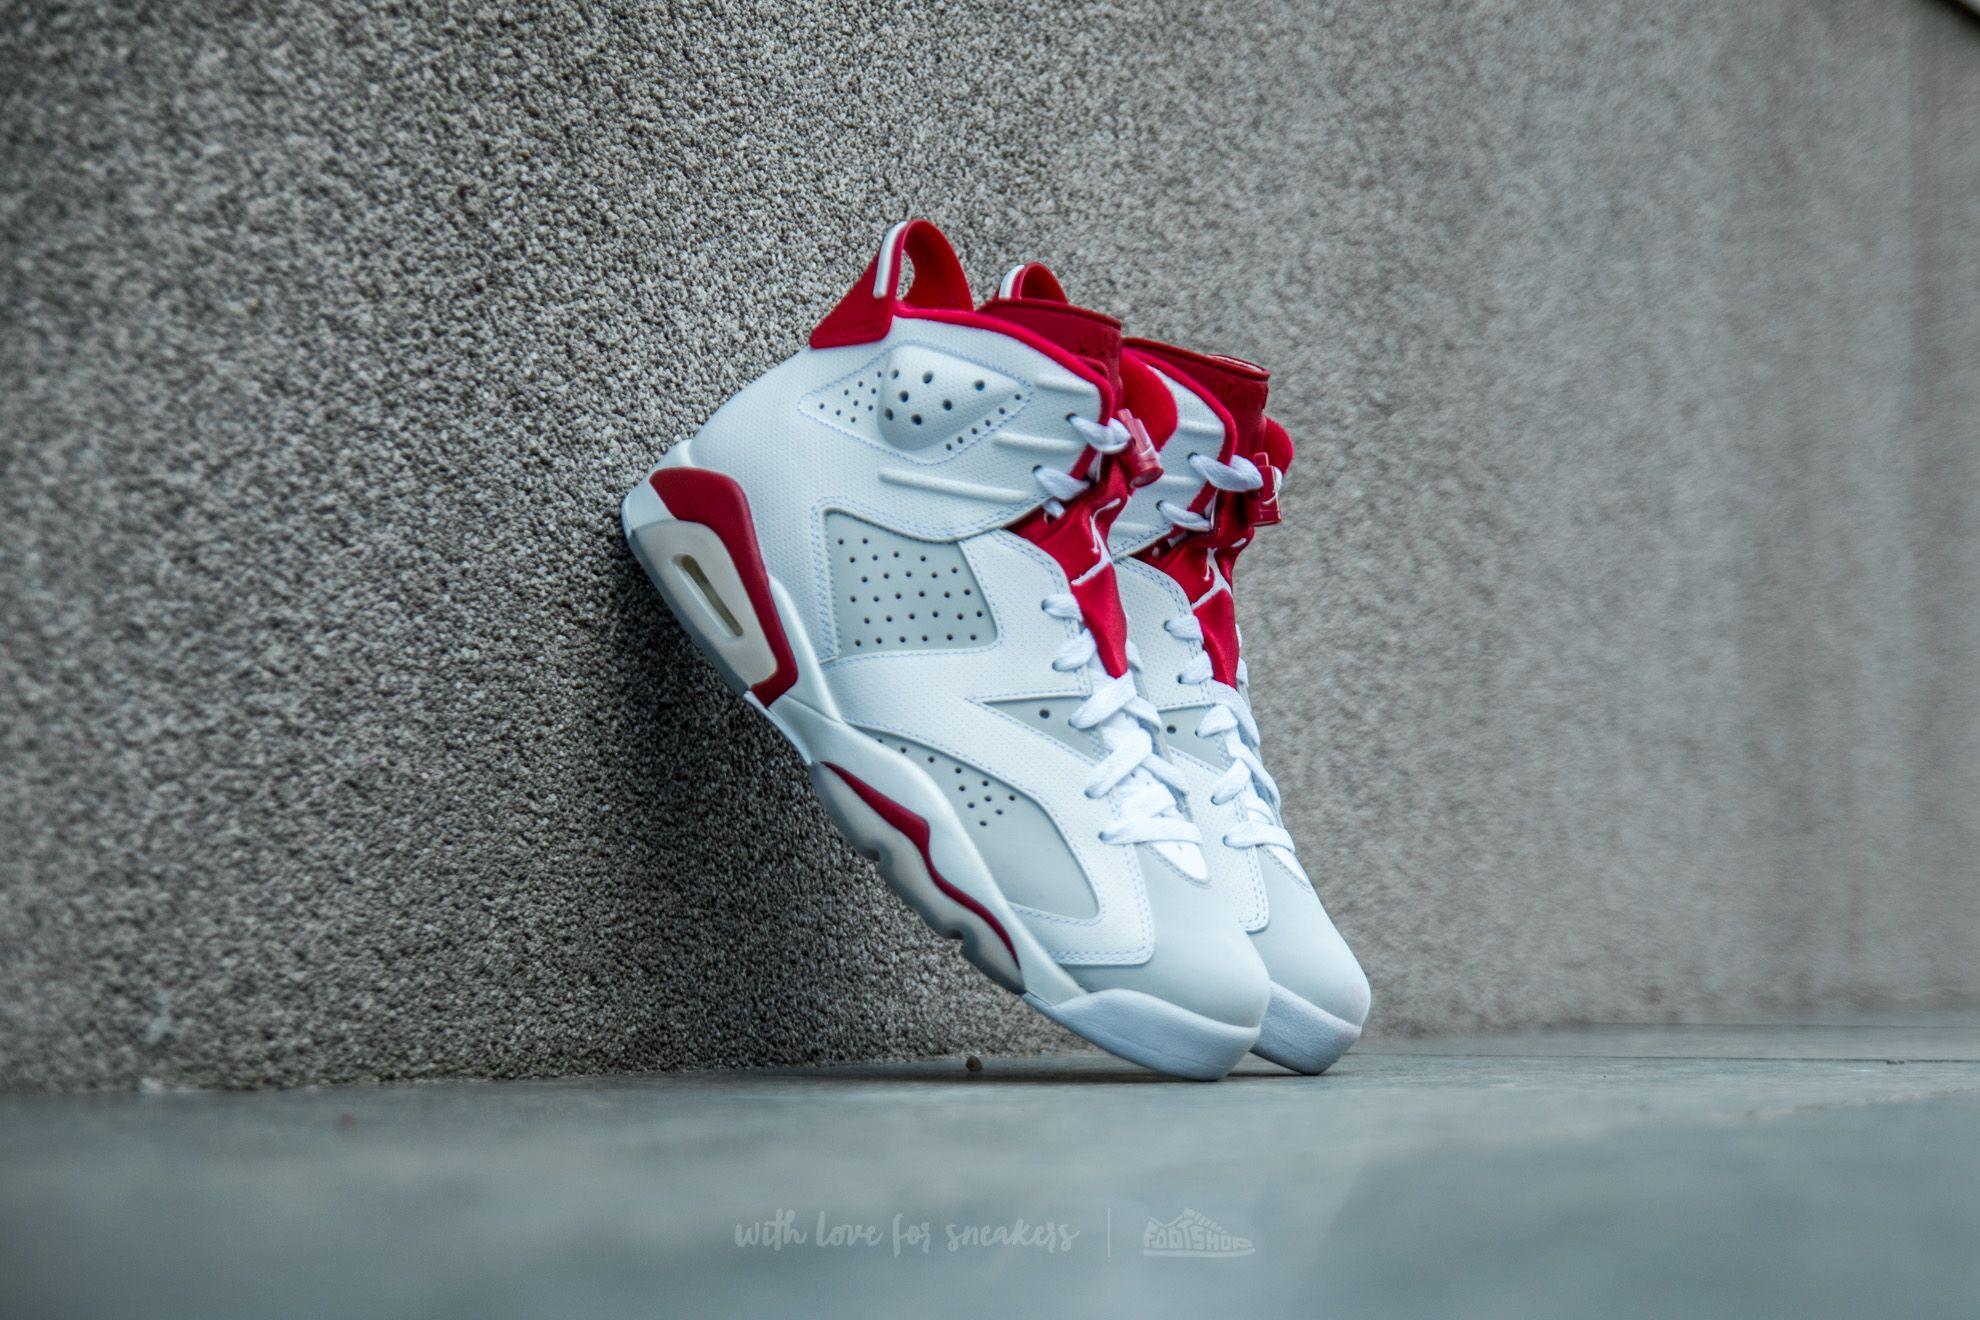 0a42cb730857 Air Jordan 6 Retro White  Gym Red-Pure Platinum